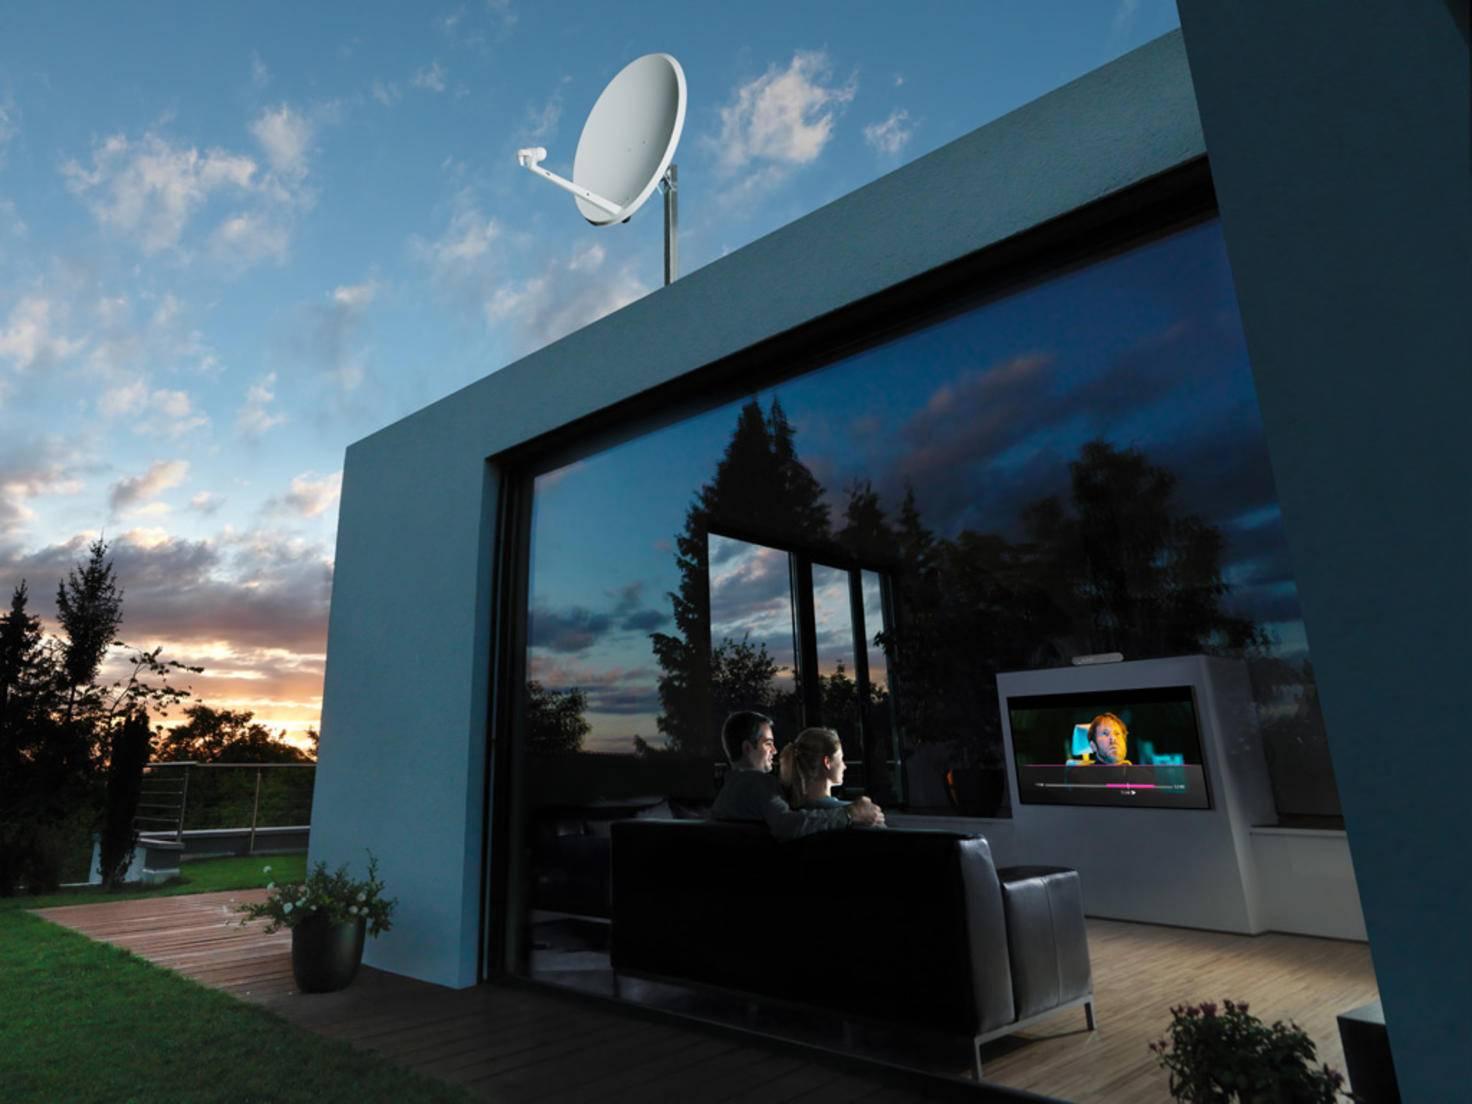 Fernsehen-Sat-Kabel-IPTV